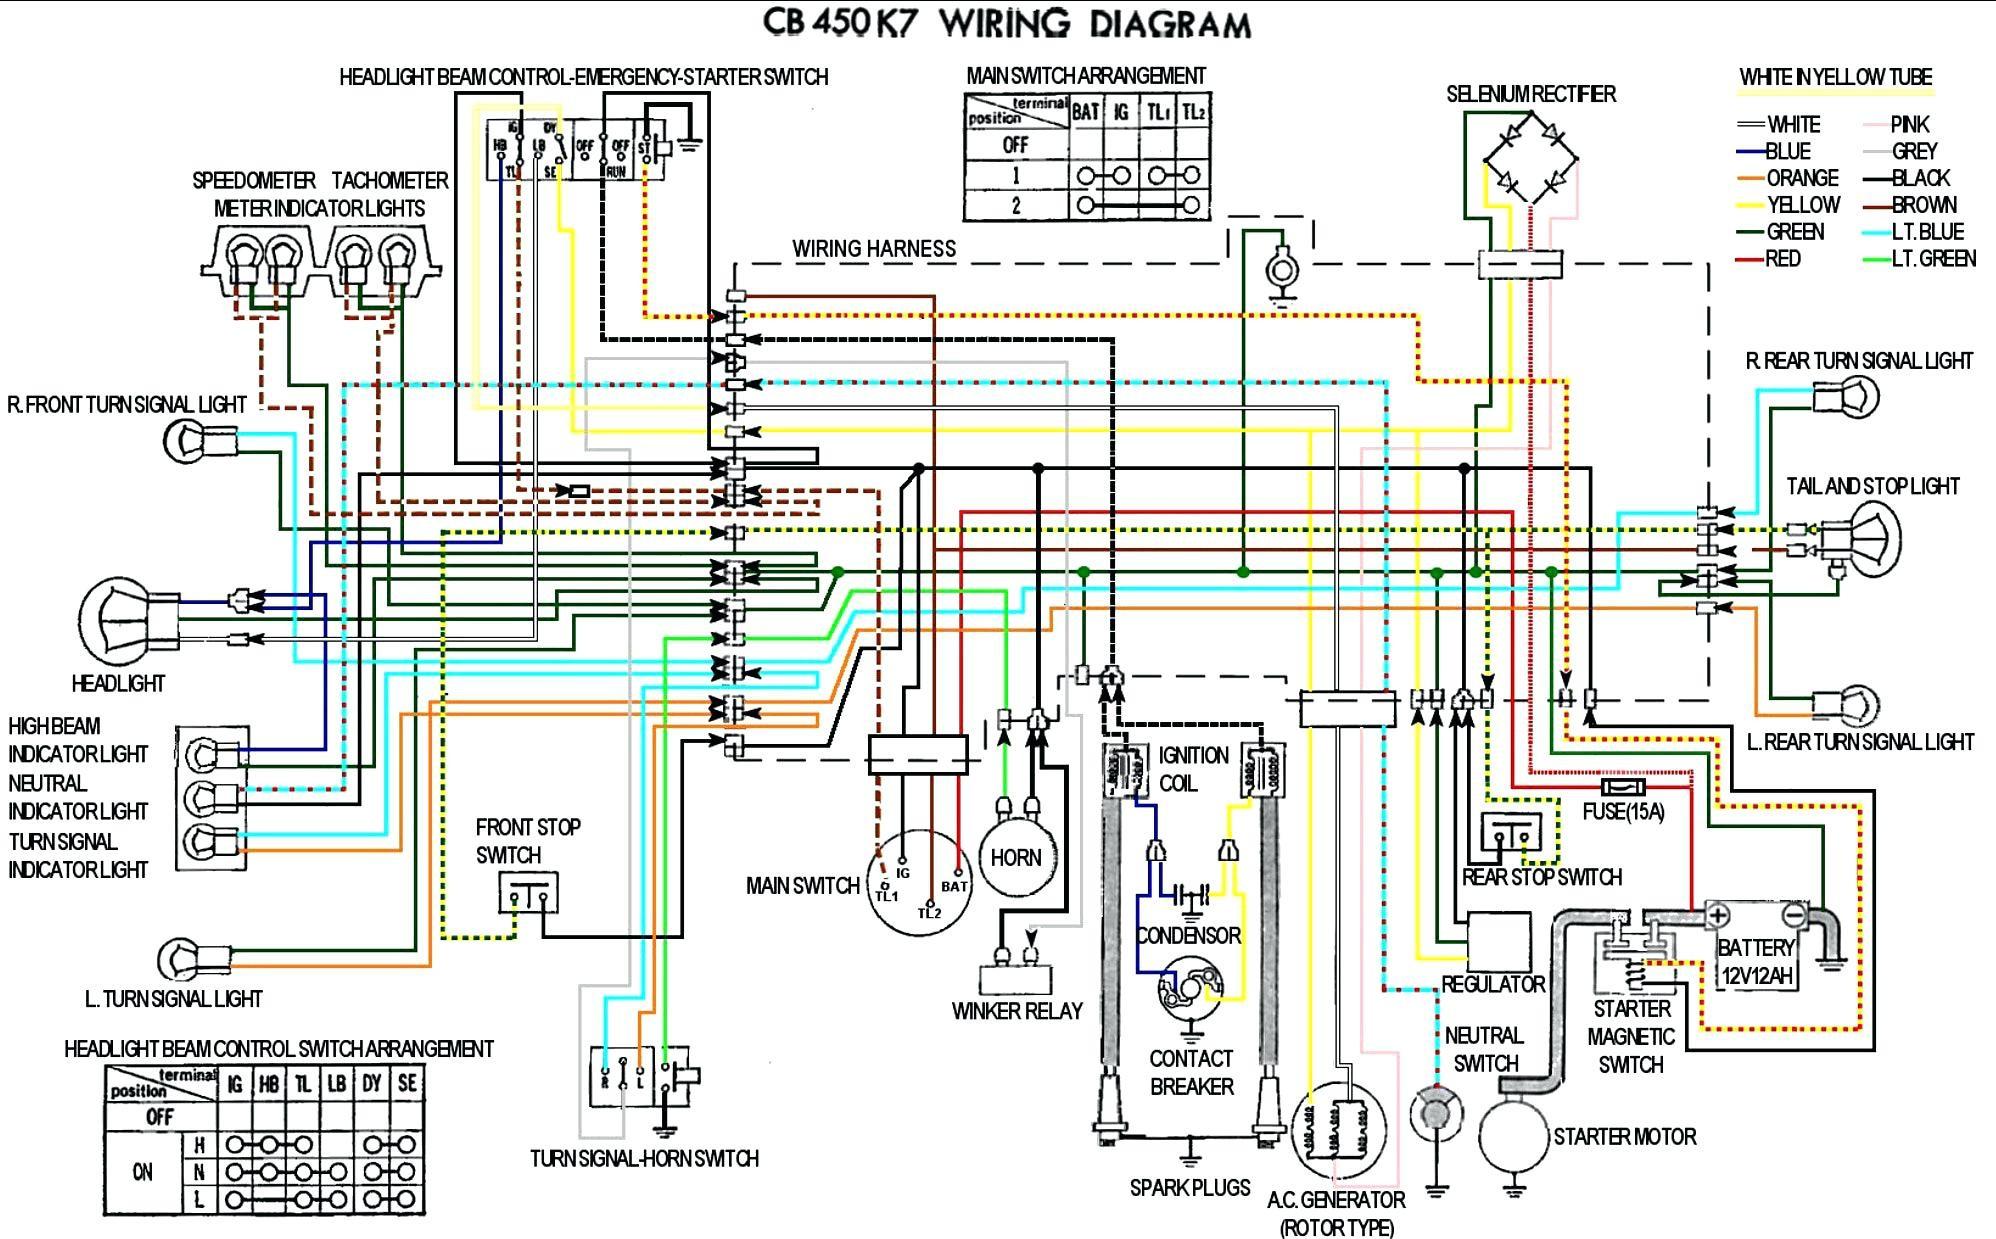 John Deere Lx173 Wiring Diagram   Wiring Schematic Diagram ... on john deere la145 wiring-diagram, john deere lt190 wiring-diagram, john deere 180 wiring-diagram, john deere ignition wiring diagram, john deere gt262 wiring-diagram, john deere lt166 wiring-diagram, john deere 322 wiring-diagram, john deere srx75 wiring-diagram, john deere electrical diagrams, john deere la105 wiring-diagram, john deere gt275 wiring-diagram, john deere x485 wiring-diagram, john deere pto wiring diagram, john deere stx46 wiring-diagram, john deere 145 wiring-diagram, john deere lx277 wiring-diagram, john deere gt235 wiring-diagram, john deere 455 wiring-diagram, john deere solenoid wiring diagram, john deere lx173 wiring-diagram,